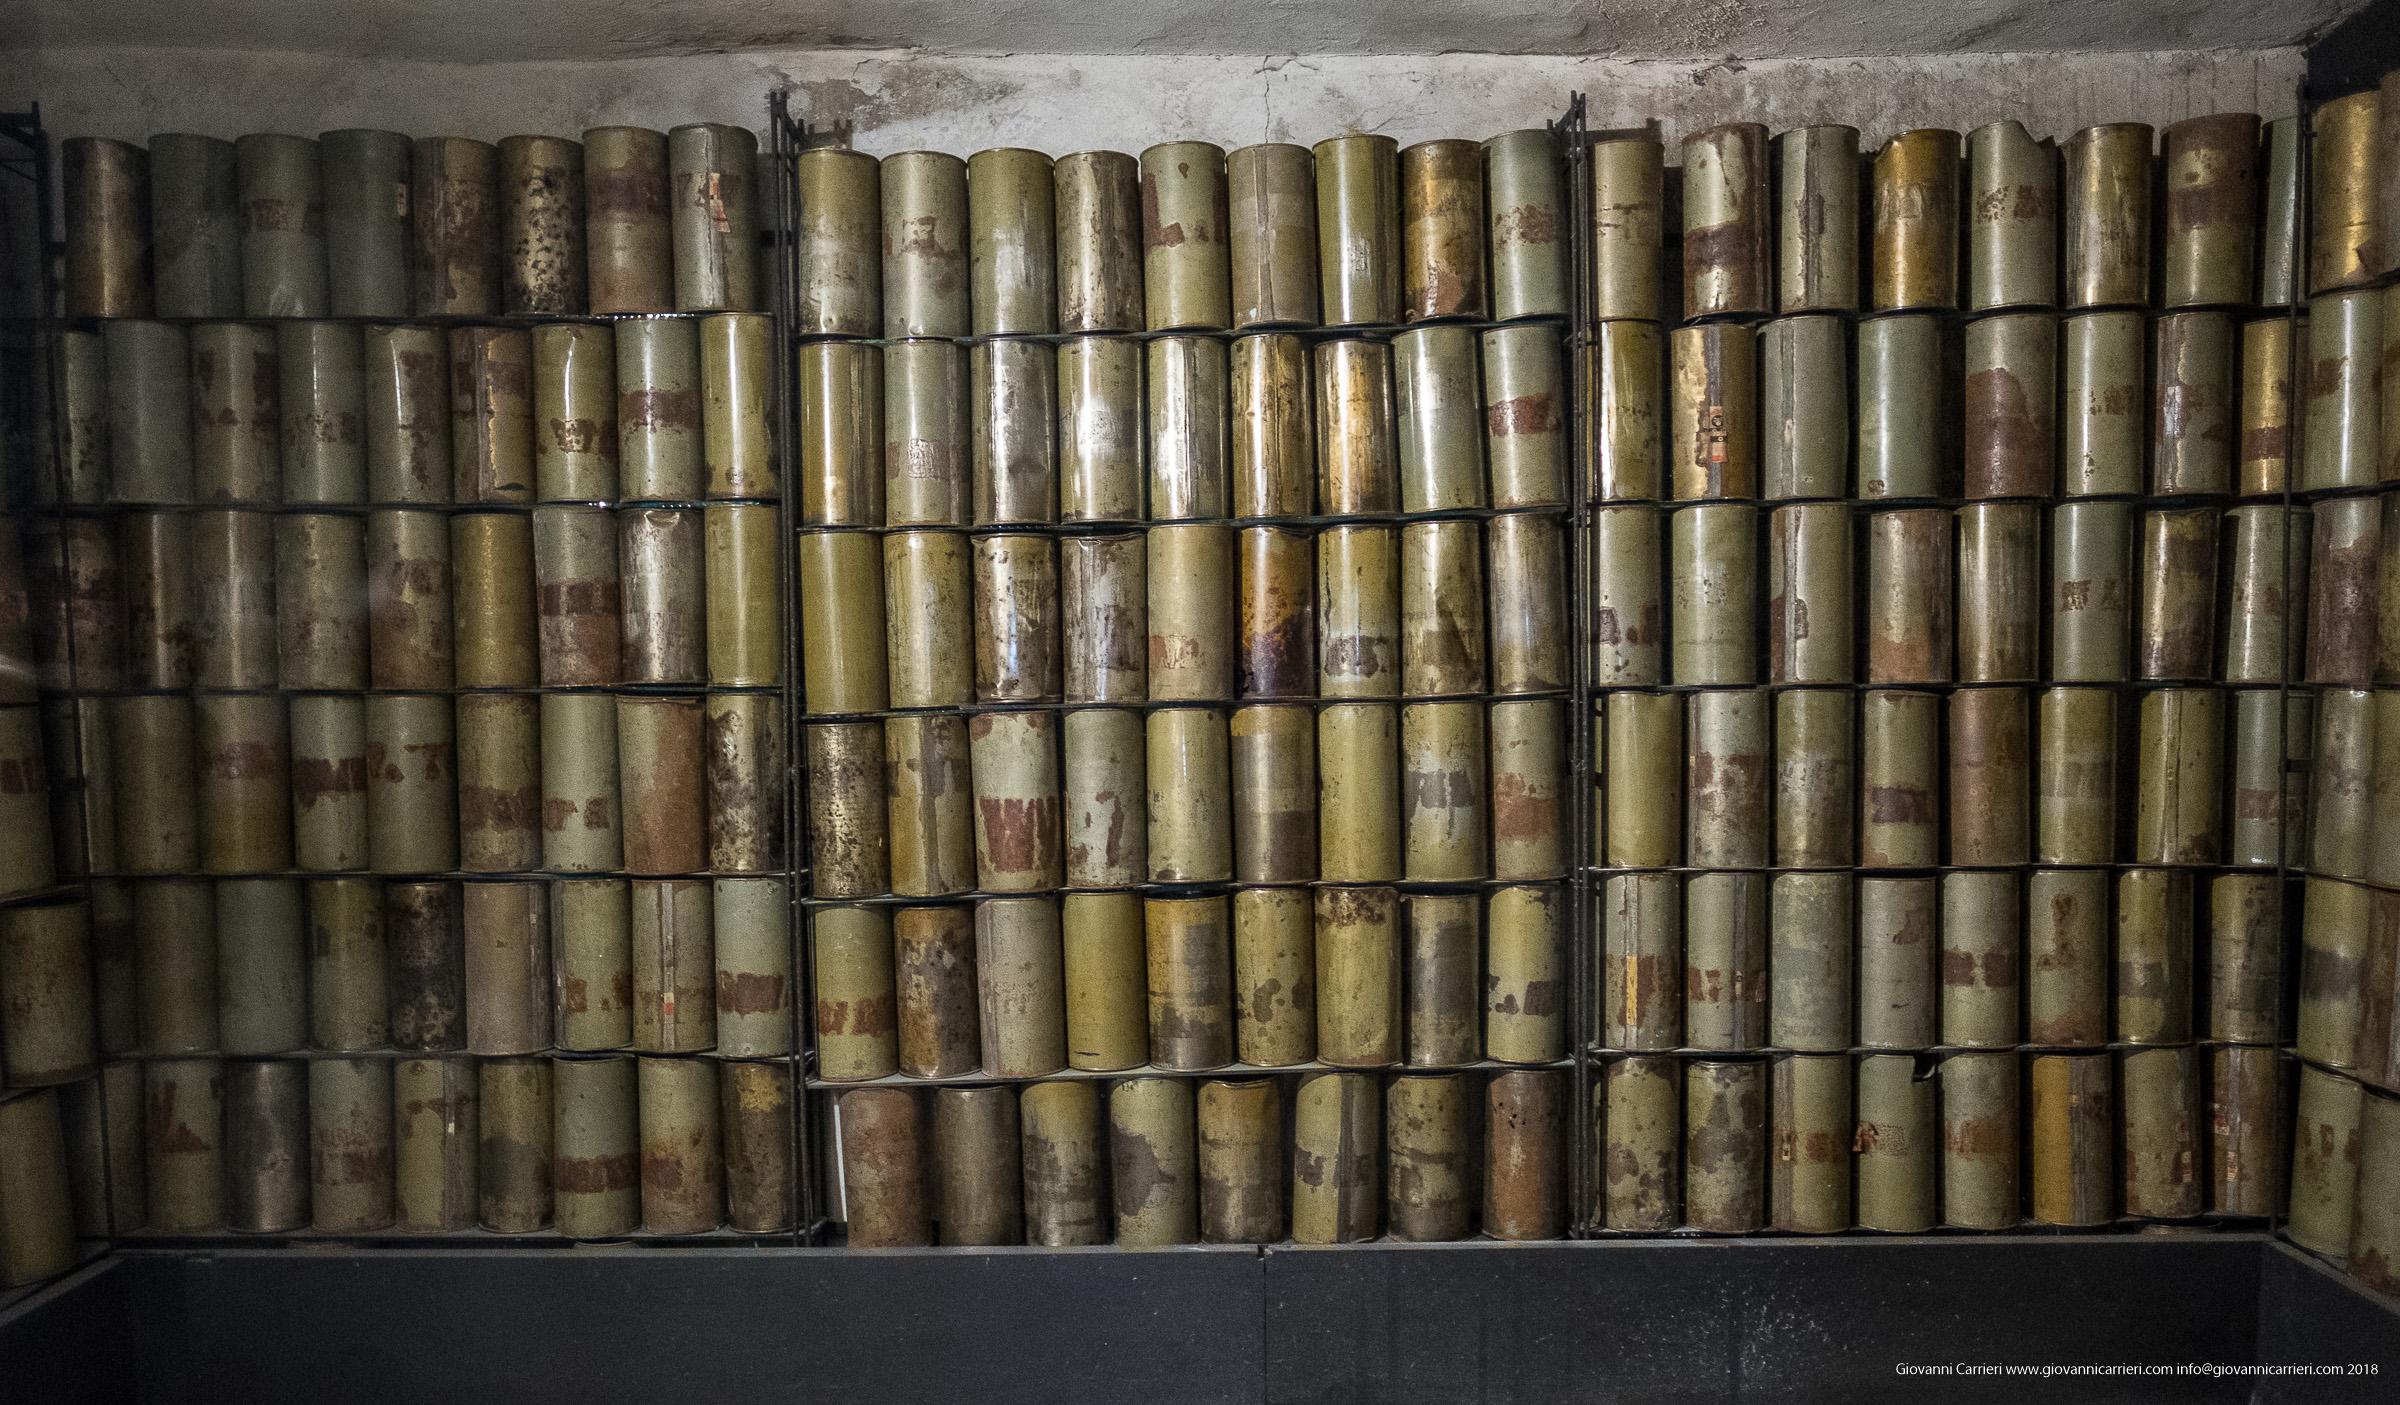 I contenitori del gas utilizzato in Majdanek